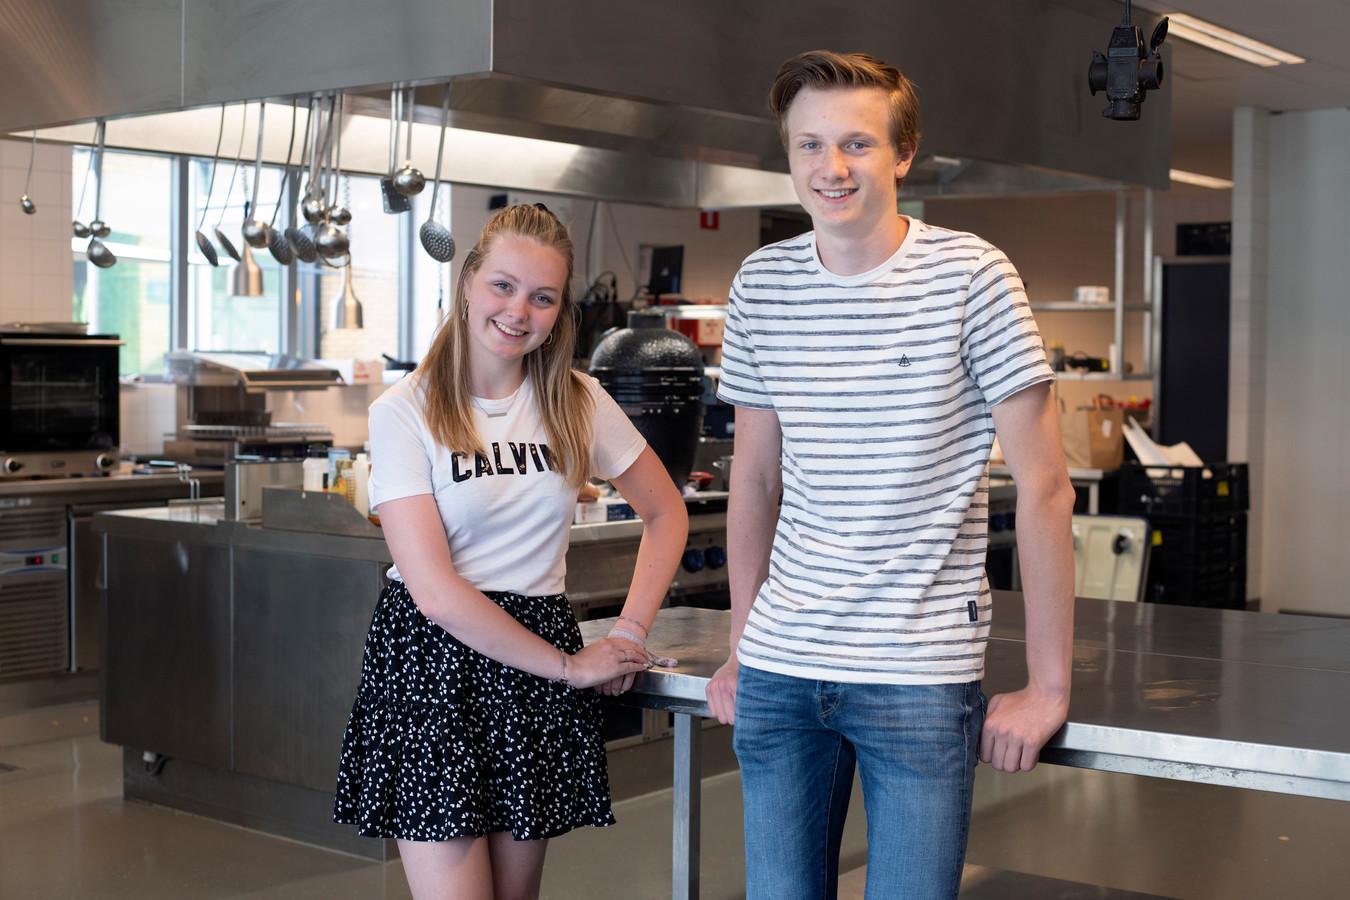 VMBO-leerlingen Sanne Willemsen en Timo Hacken van het Mondial College krijgen woensdag pas de uitslag van hun examen te horen